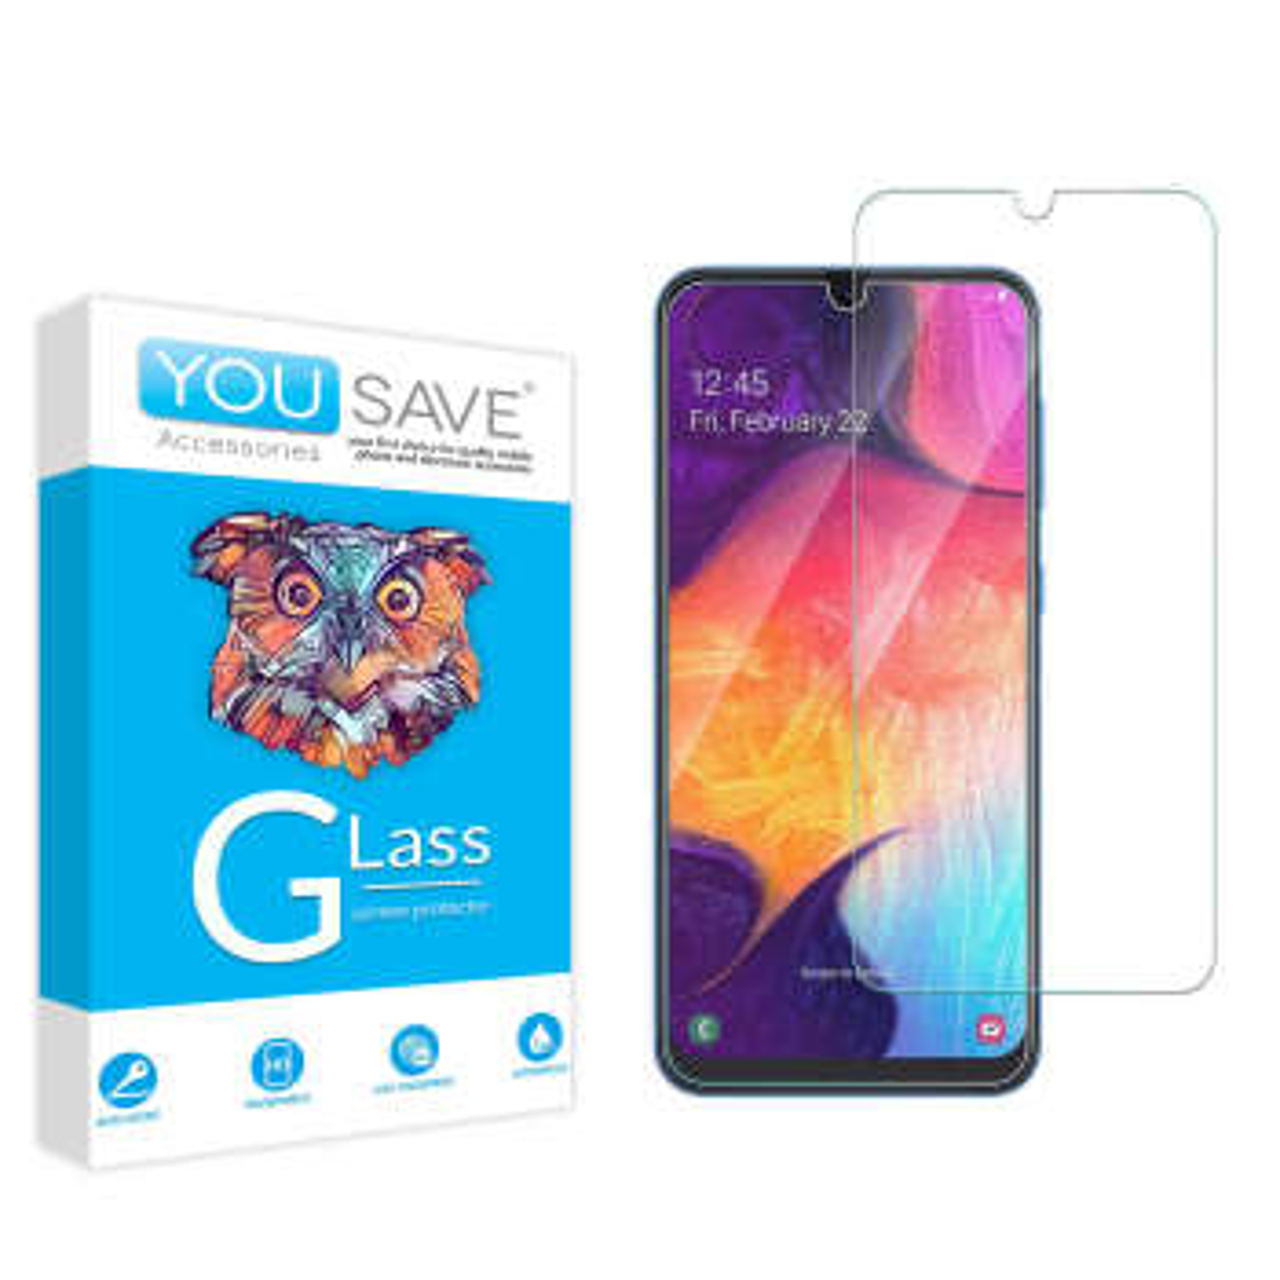 محافظ صفحه نمایش یوسیو مدل JS مناسب برای گوشی موبایل سامسونگ Galaxy A70